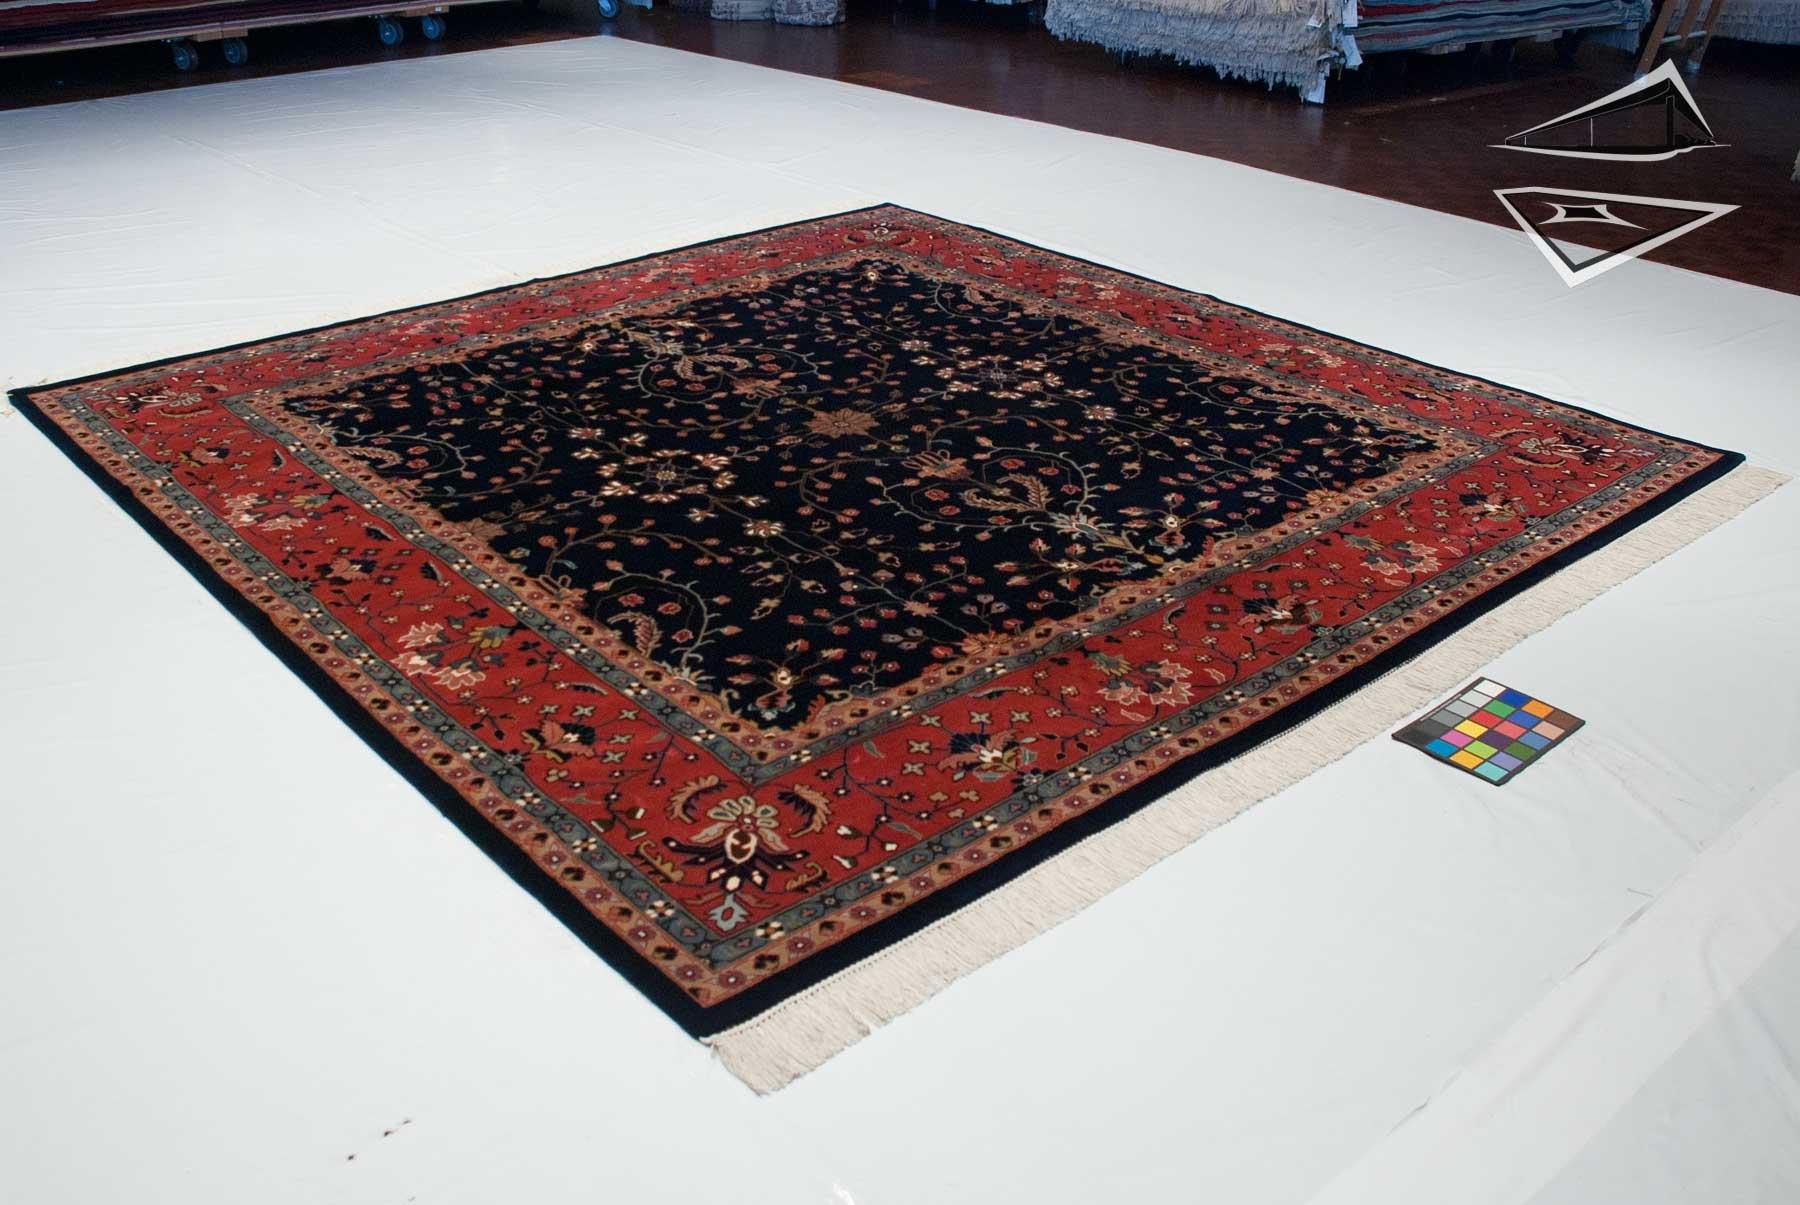 10x10 carpet carpet vidalondon for 10x10 floor mat